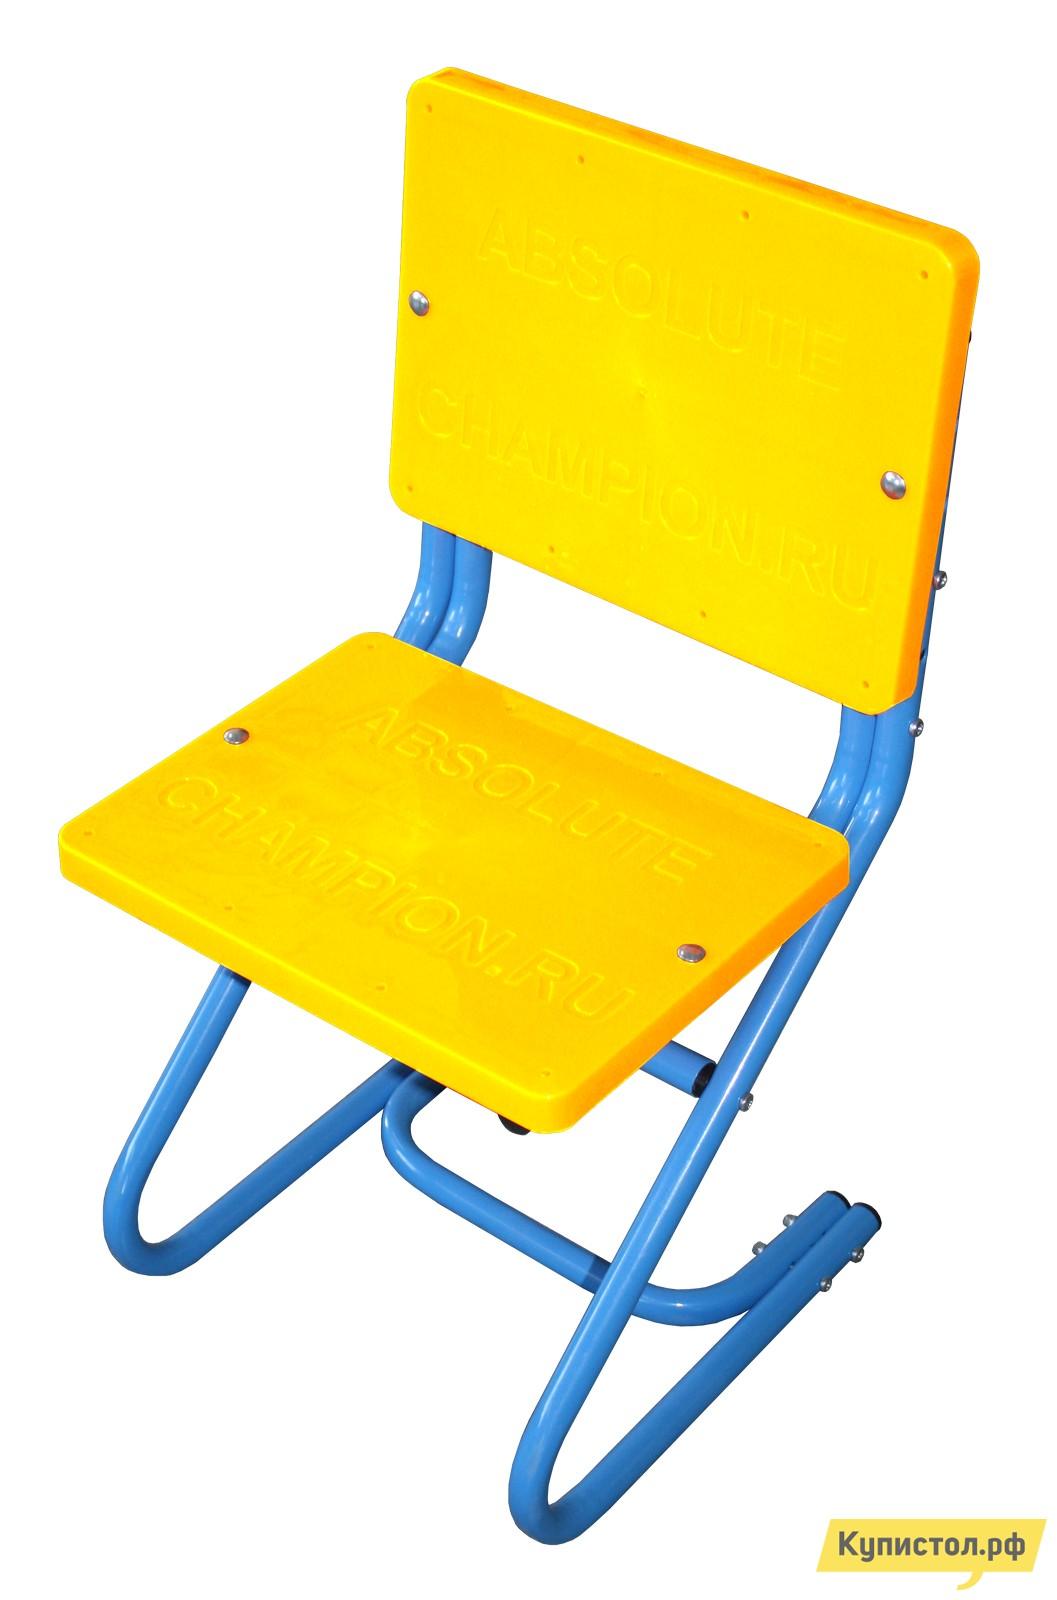 Стул AbsoluteChampion Стул ученический (Желто-синий) Желто-синий